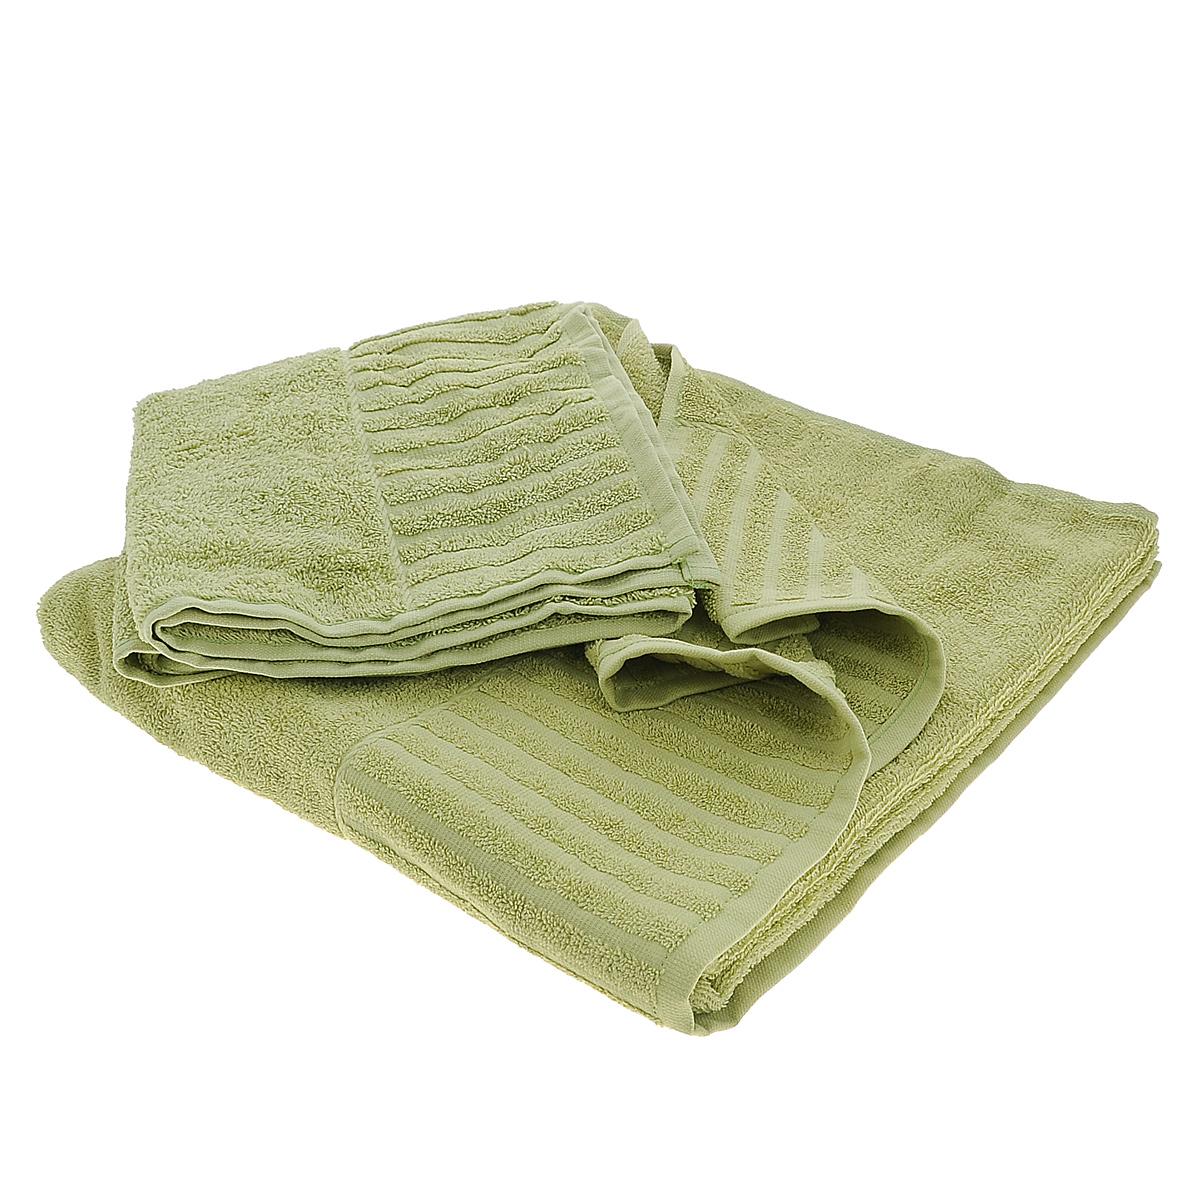 Набор махровых полотенец Bonita, цвет: оливковый, 2 шт01011116223Набор Bonita состоит из двух полотенец разного размера, выполненных из натурального хлопка. Такие полотенца отлично впитывают влагу, быстро сохнут, сохраняют яркость цвета и не теряют формы даже после многократных стирок. Полотенца очень практичны и неприхотливы в уходе. Размер полотенец: 50 см х 90 см; 70 см х 140 см.